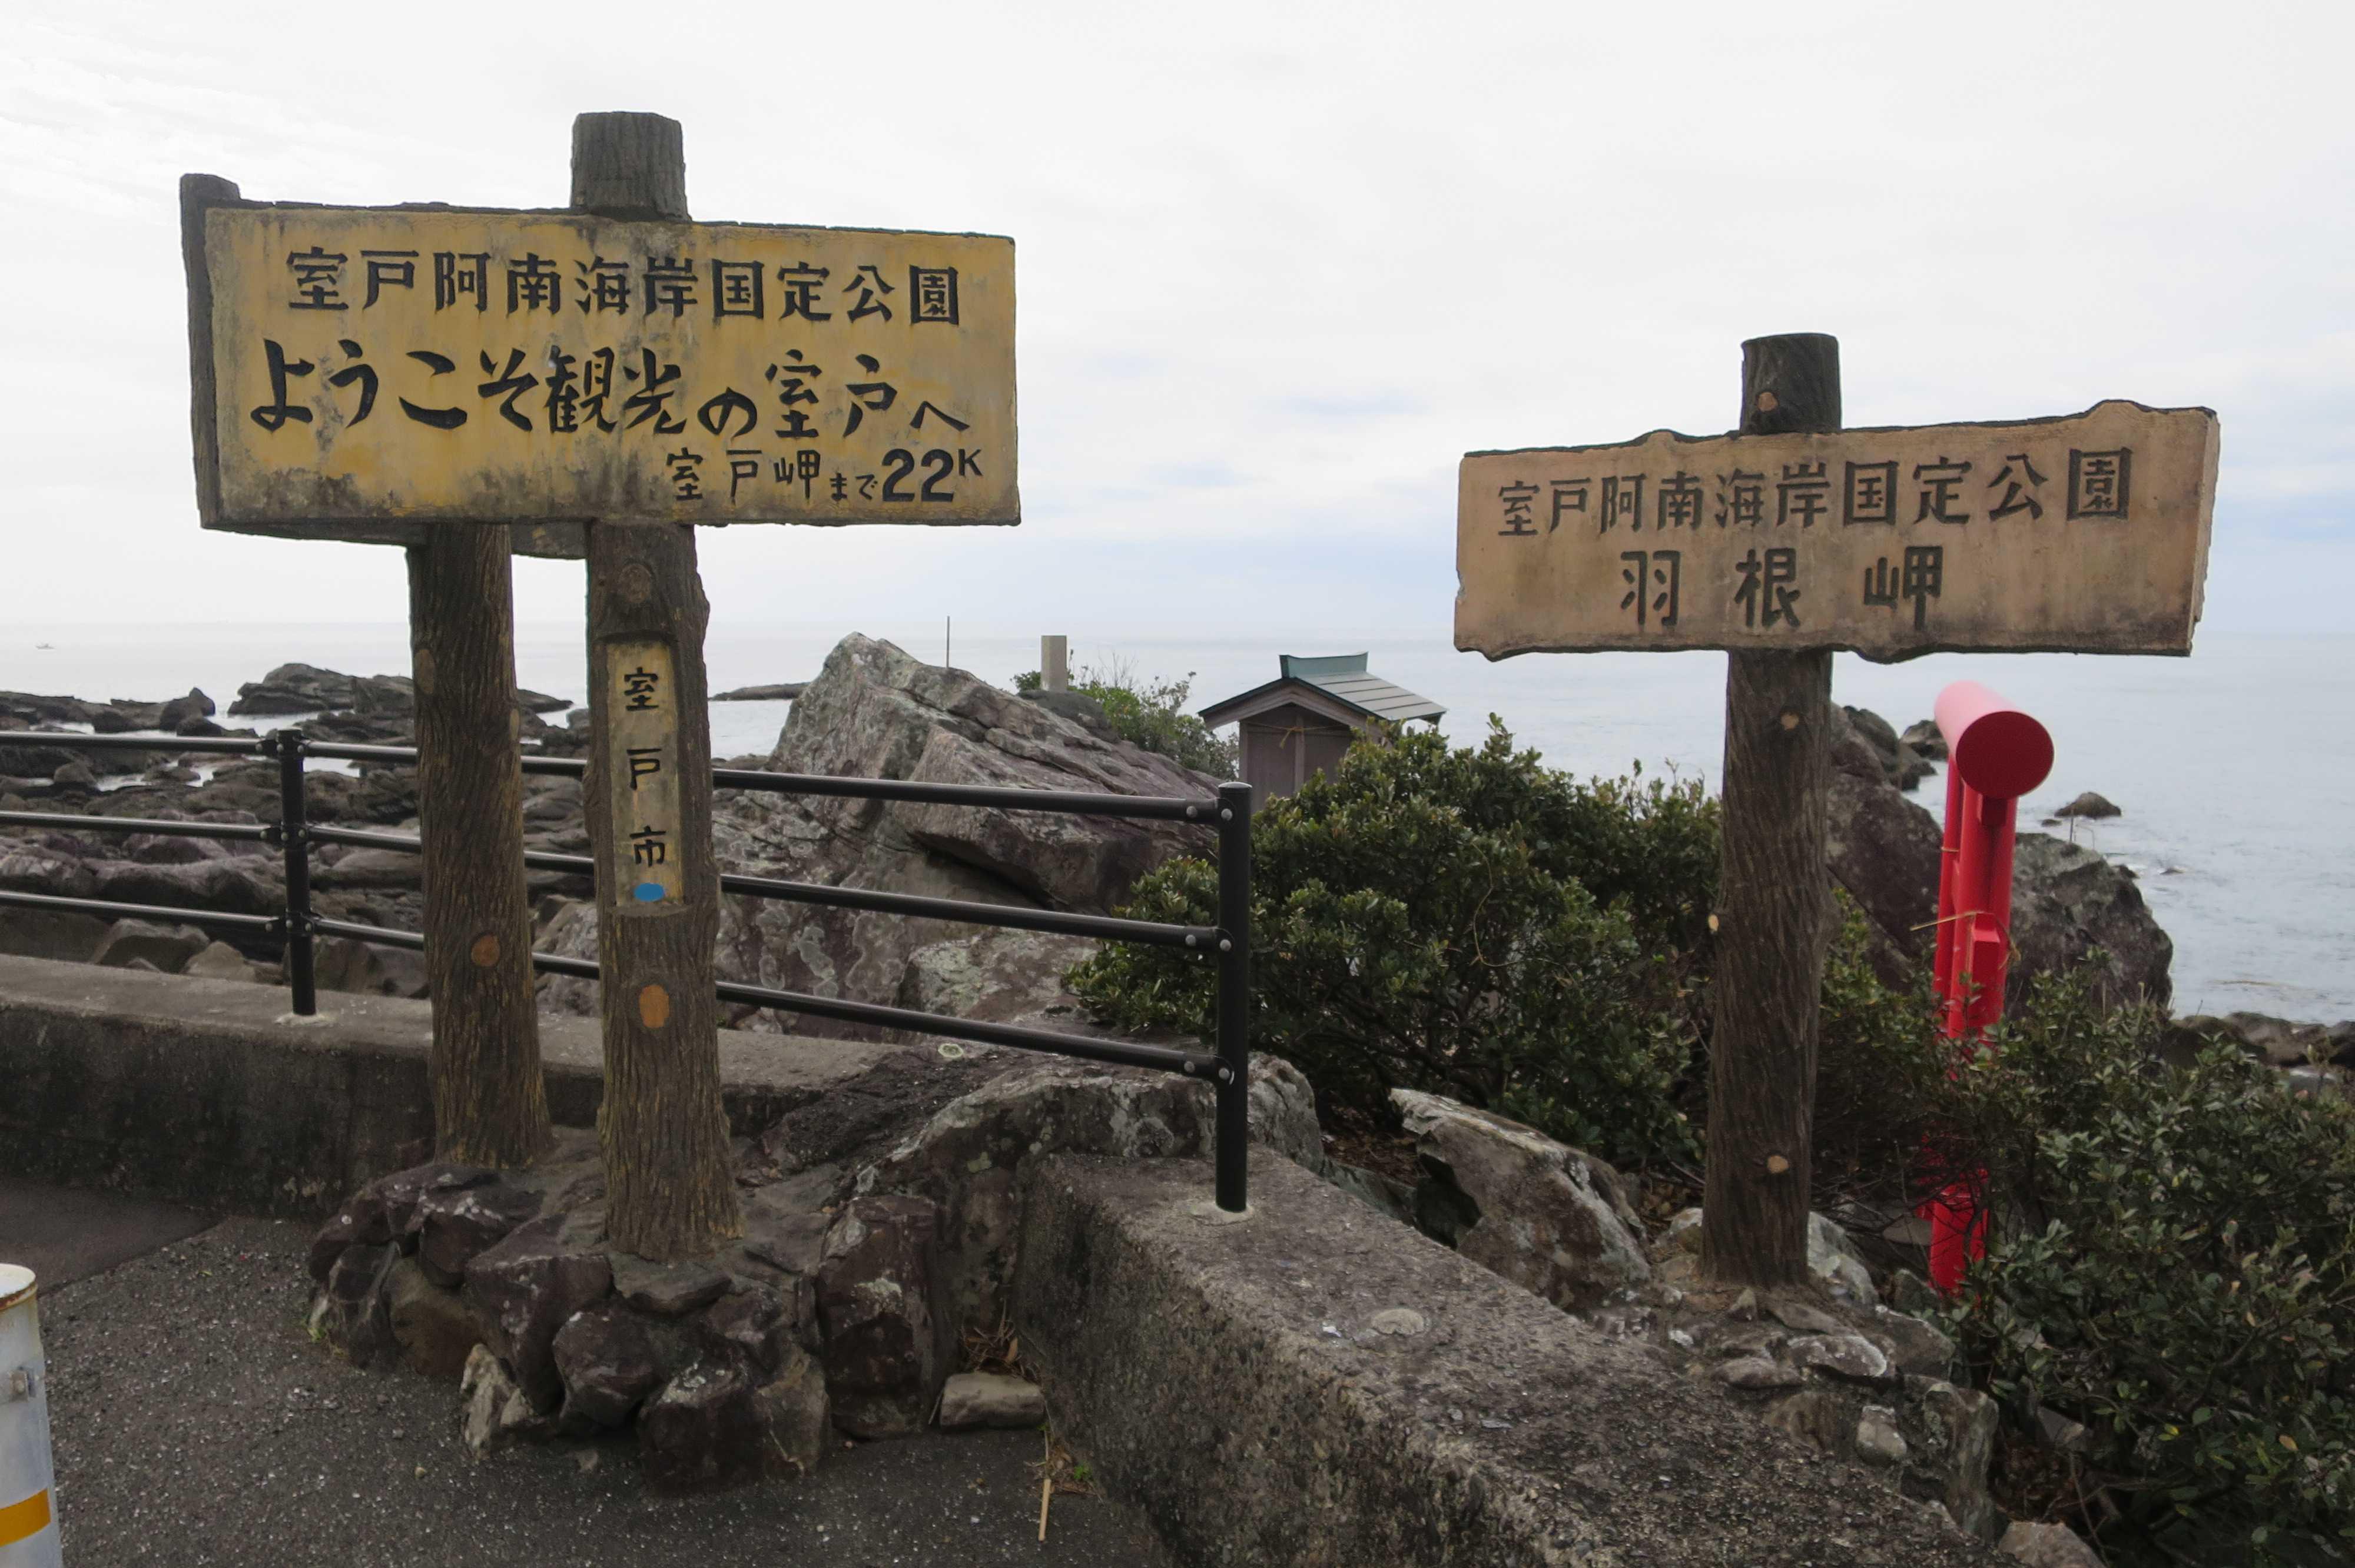 室戸阿南海岸国定公園 ようこそ観光の室戸へ 室戸岬まで 22km